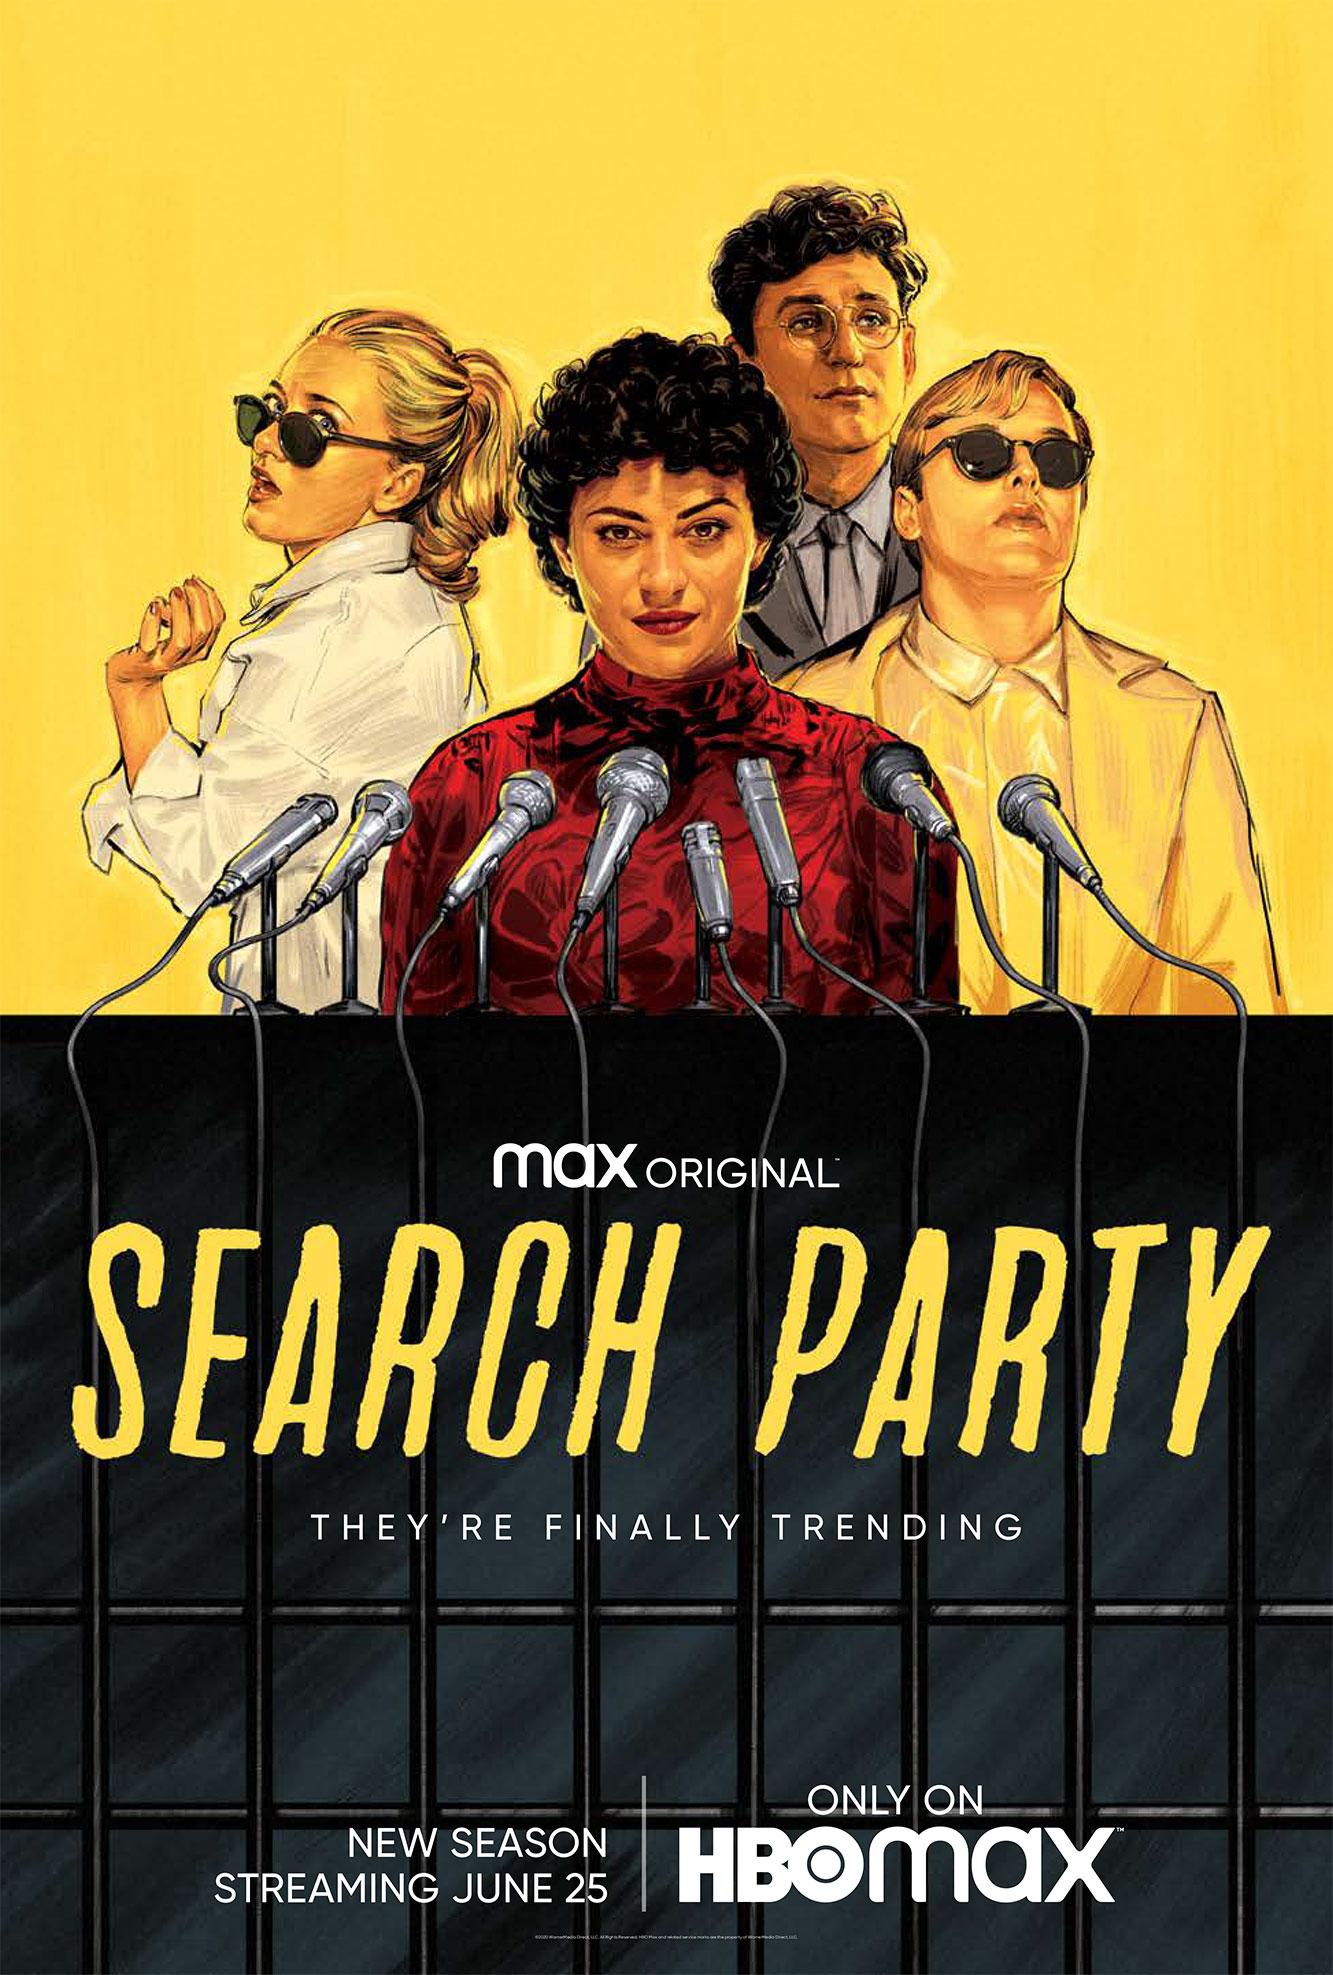 Search Party season 3